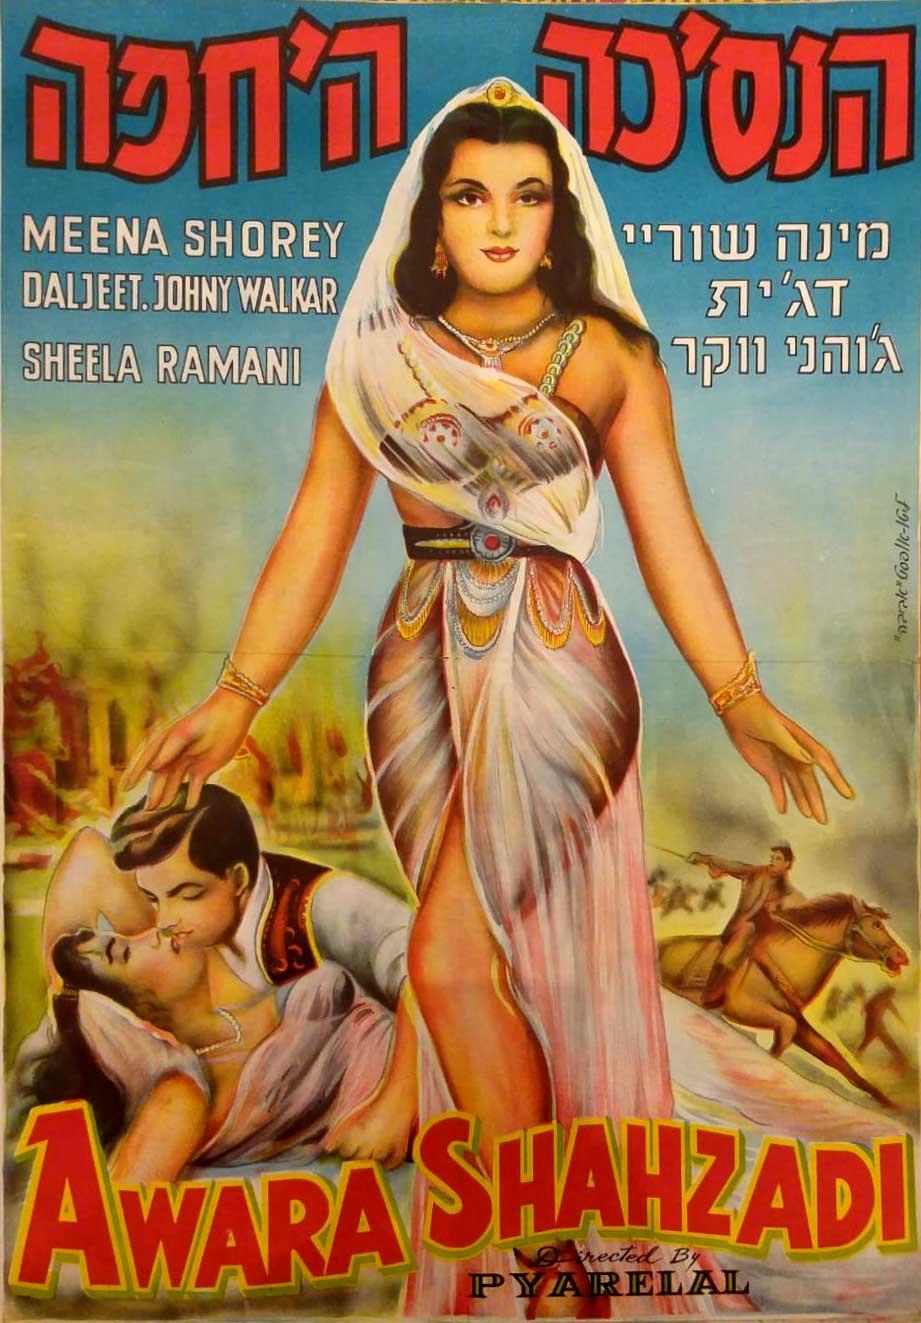 VINTAGE ISRAELI POSTERS | Indian Vintage Movie Poster In